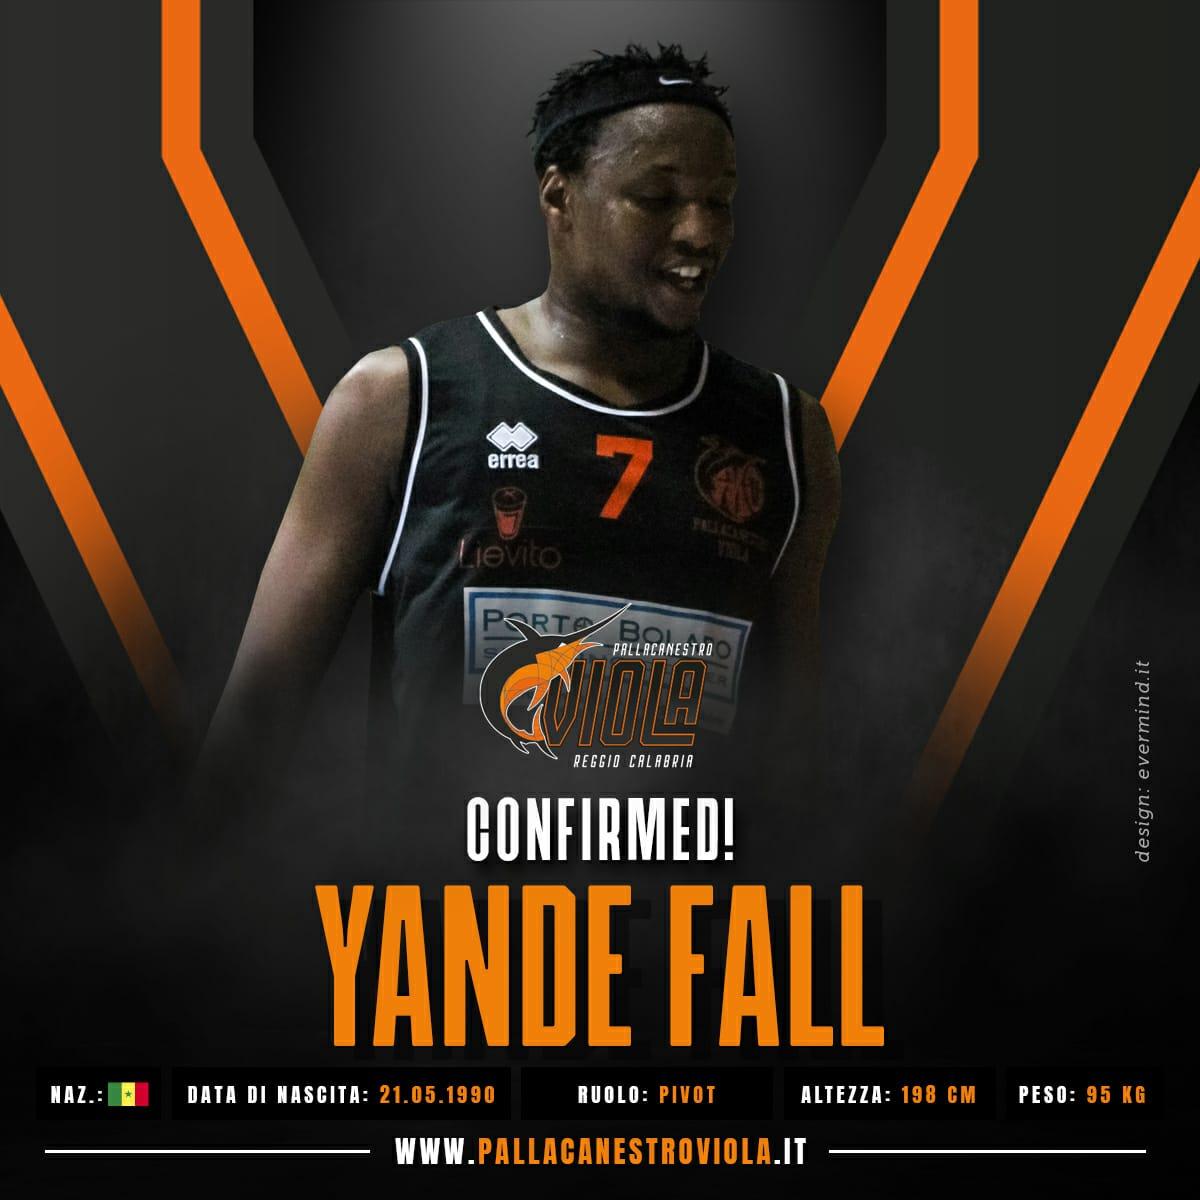 Viola, confermato per la terza volta in neroarancio Yande Fall